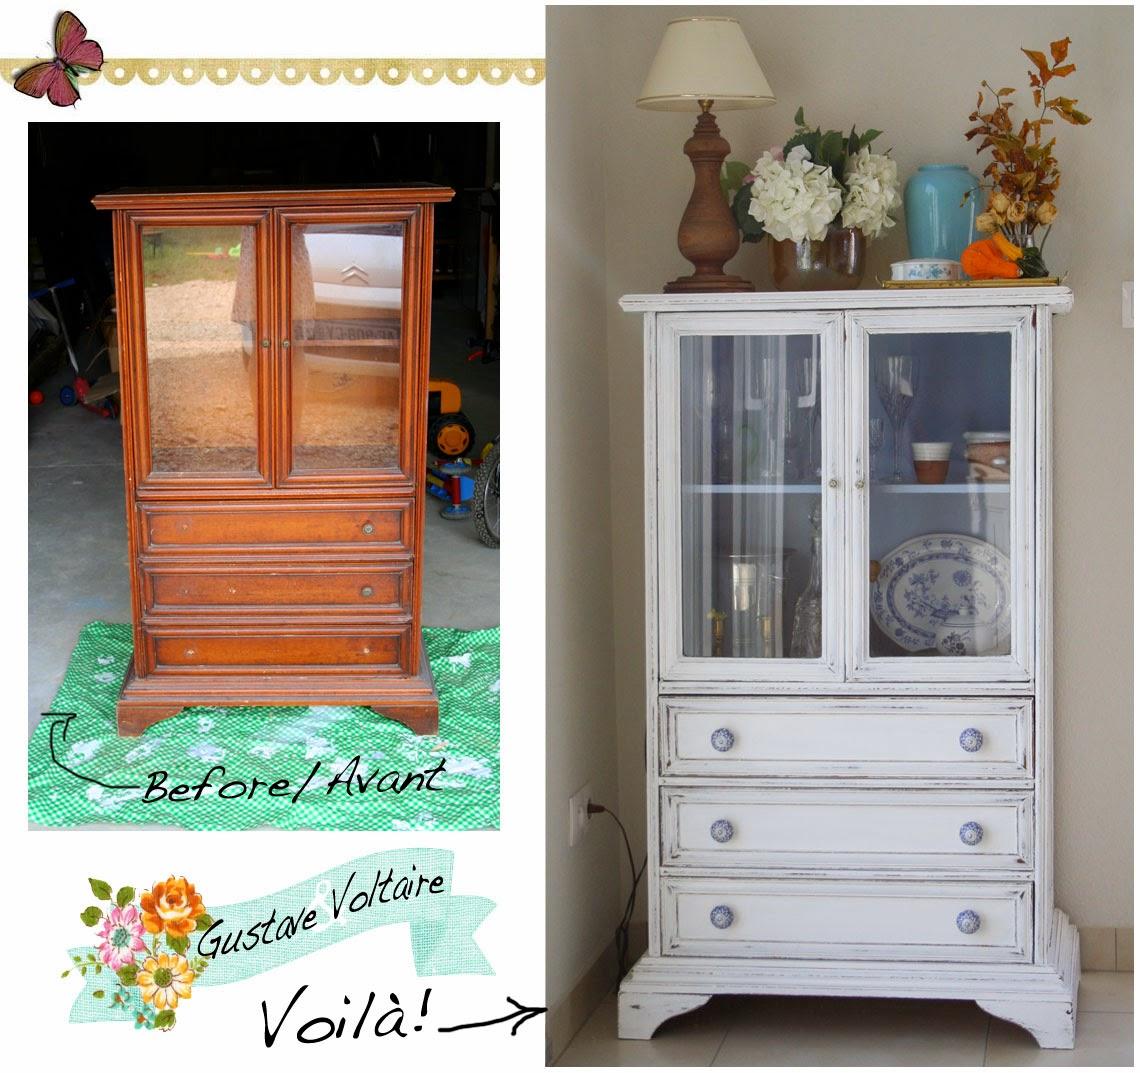 gustave et voltaire my little french cabinet mon petit vaisselier. Black Bedroom Furniture Sets. Home Design Ideas